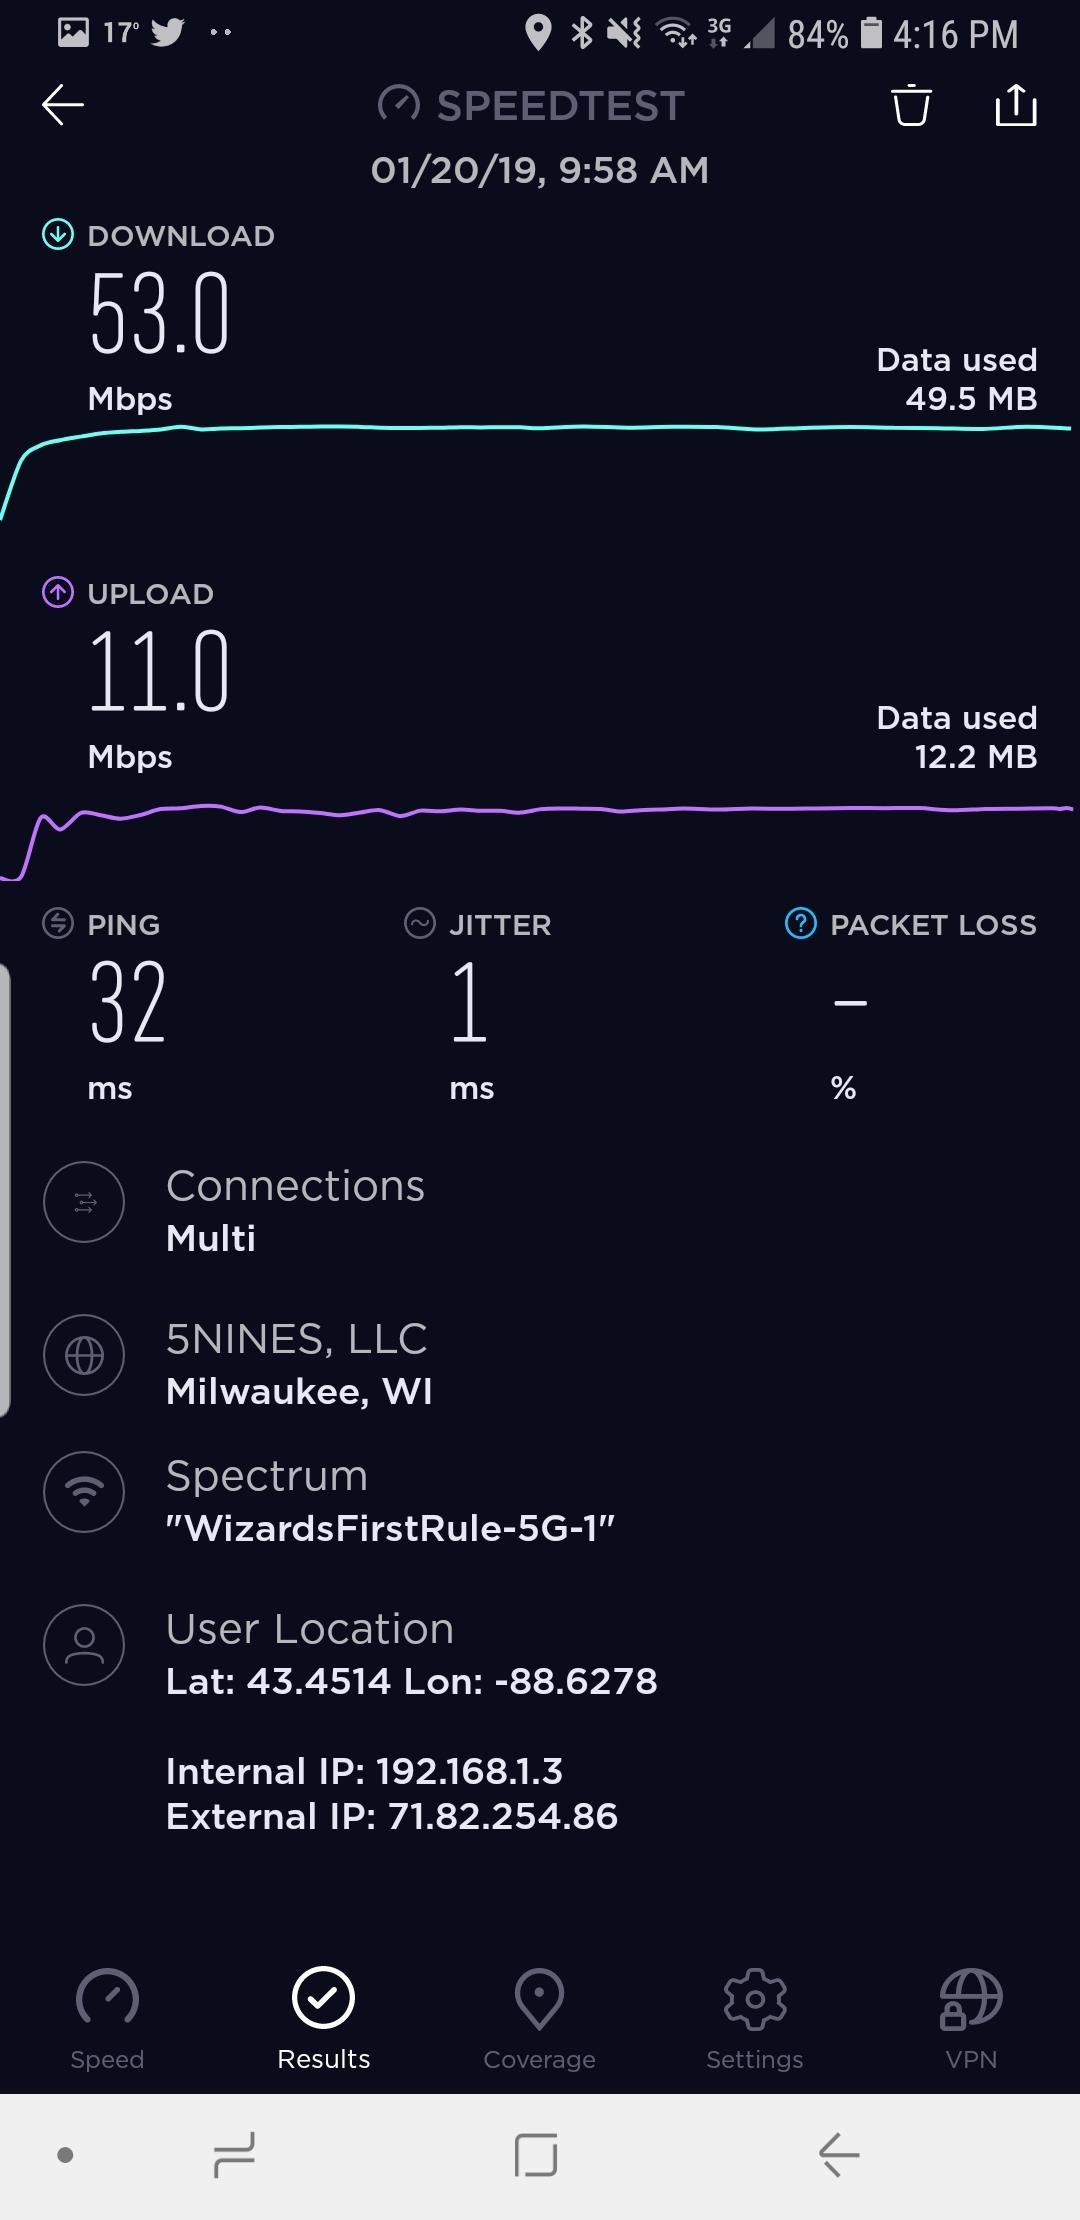 Netgear Nighthawk R8000 X6- Slow wifi after reboot - NETGEAR Communities